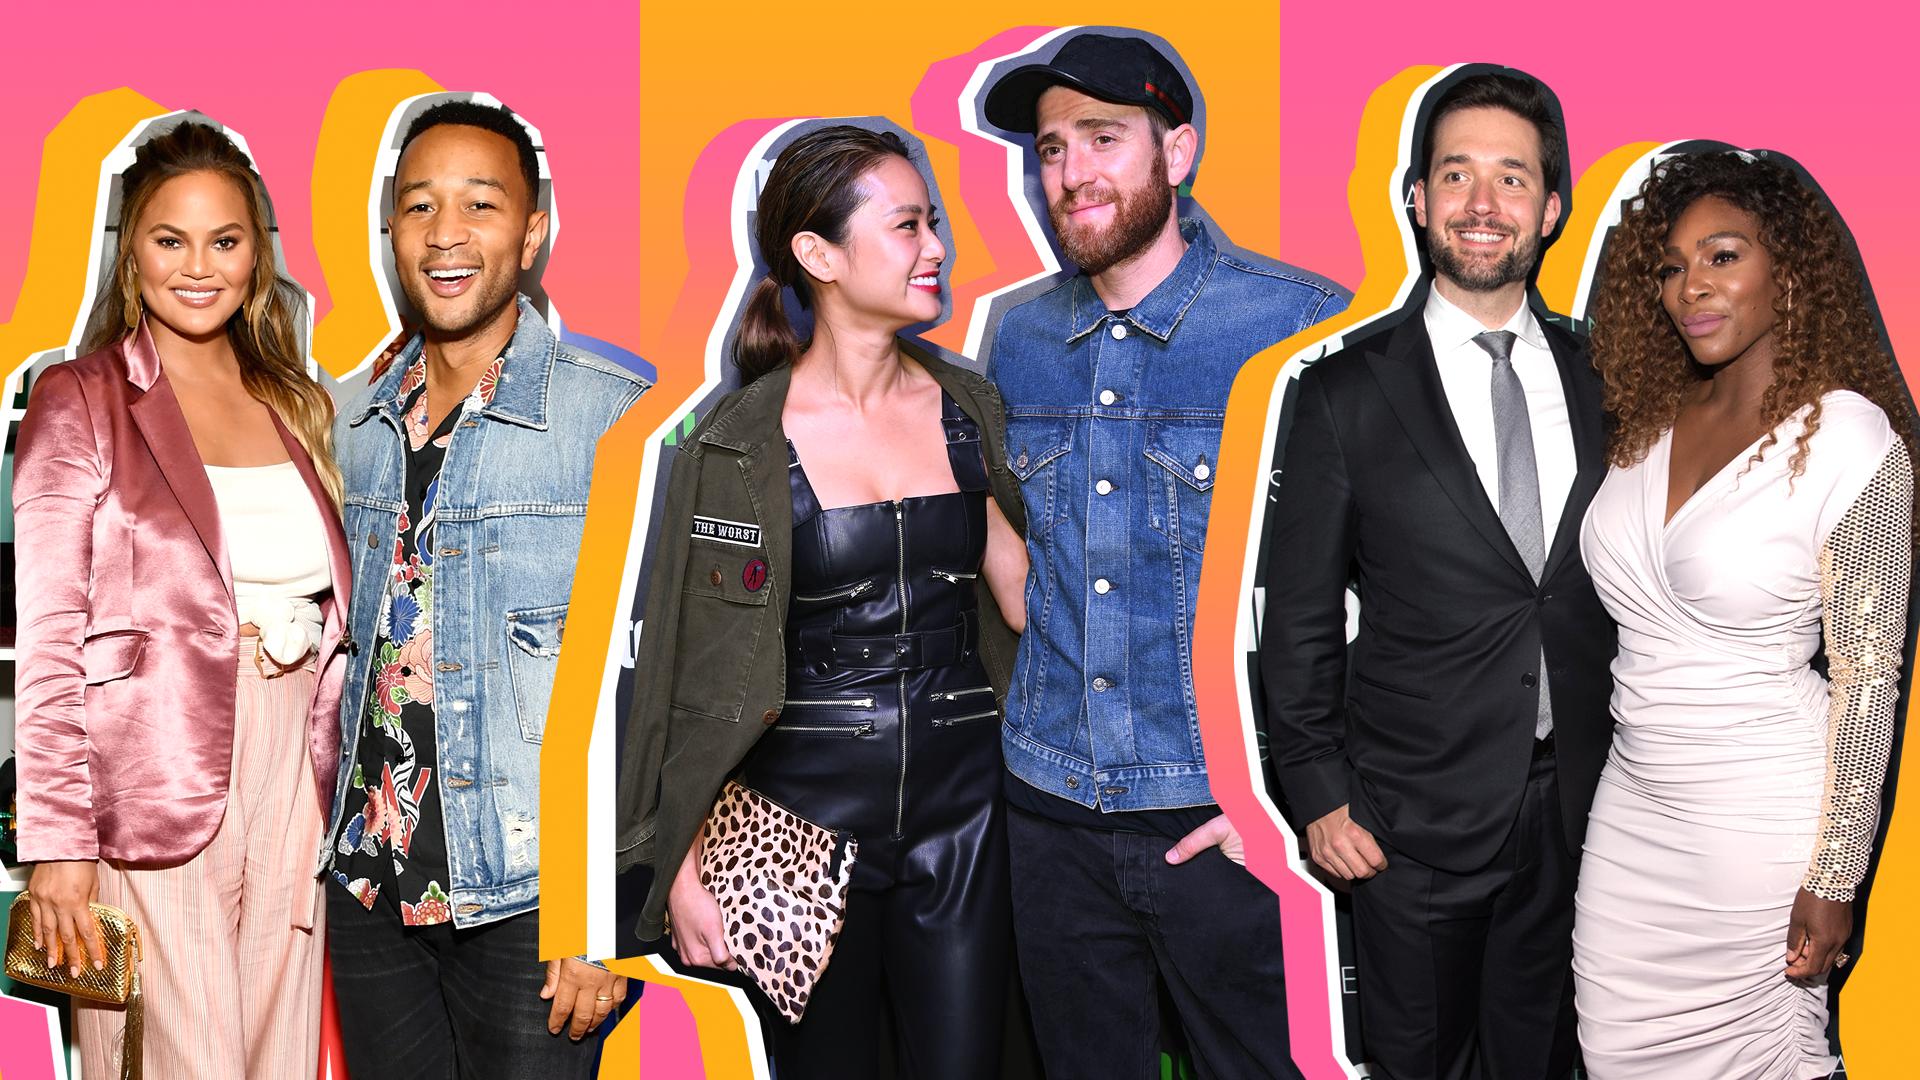 Celebrities in Interracial Relationships